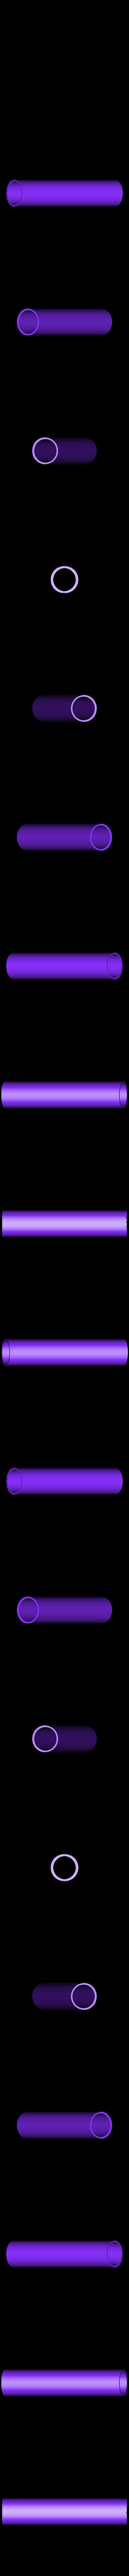 Tube_V1.stl Télécharger fichier STL gratuit Porte-serviettes en papier GRAB et GO. (Pour montage mural ou sur panneau IKEA !) • Design imprimable en 3D, 3DED